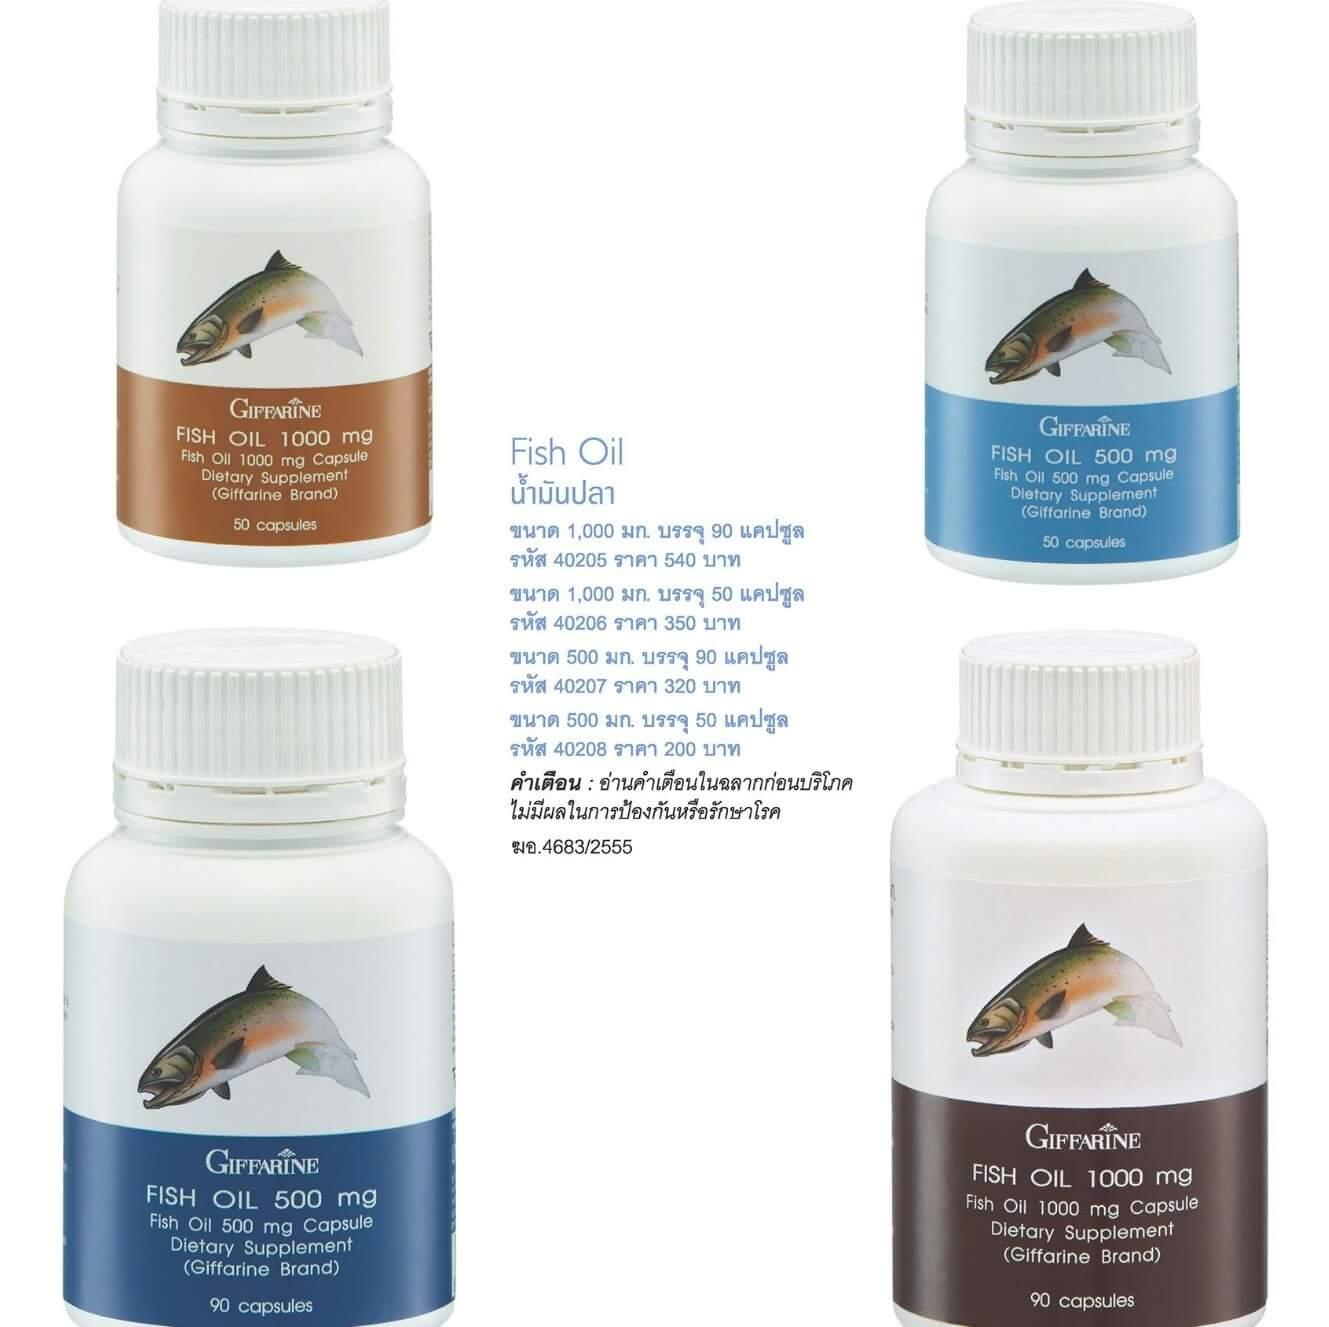 Fish Oil น้ำมันปลา กิฟฟารีน,อาหารเสริม กิฟฟารีน,น้ำมันปลา กิฟฟารีน,น้ำมันปลากิฟฟารีน 1000,อาหารเสริมน้ำมันปลา กิฟฟารีน,น้ำมันปลา กิฟฟารีน ประโยชน์,Fish Oil